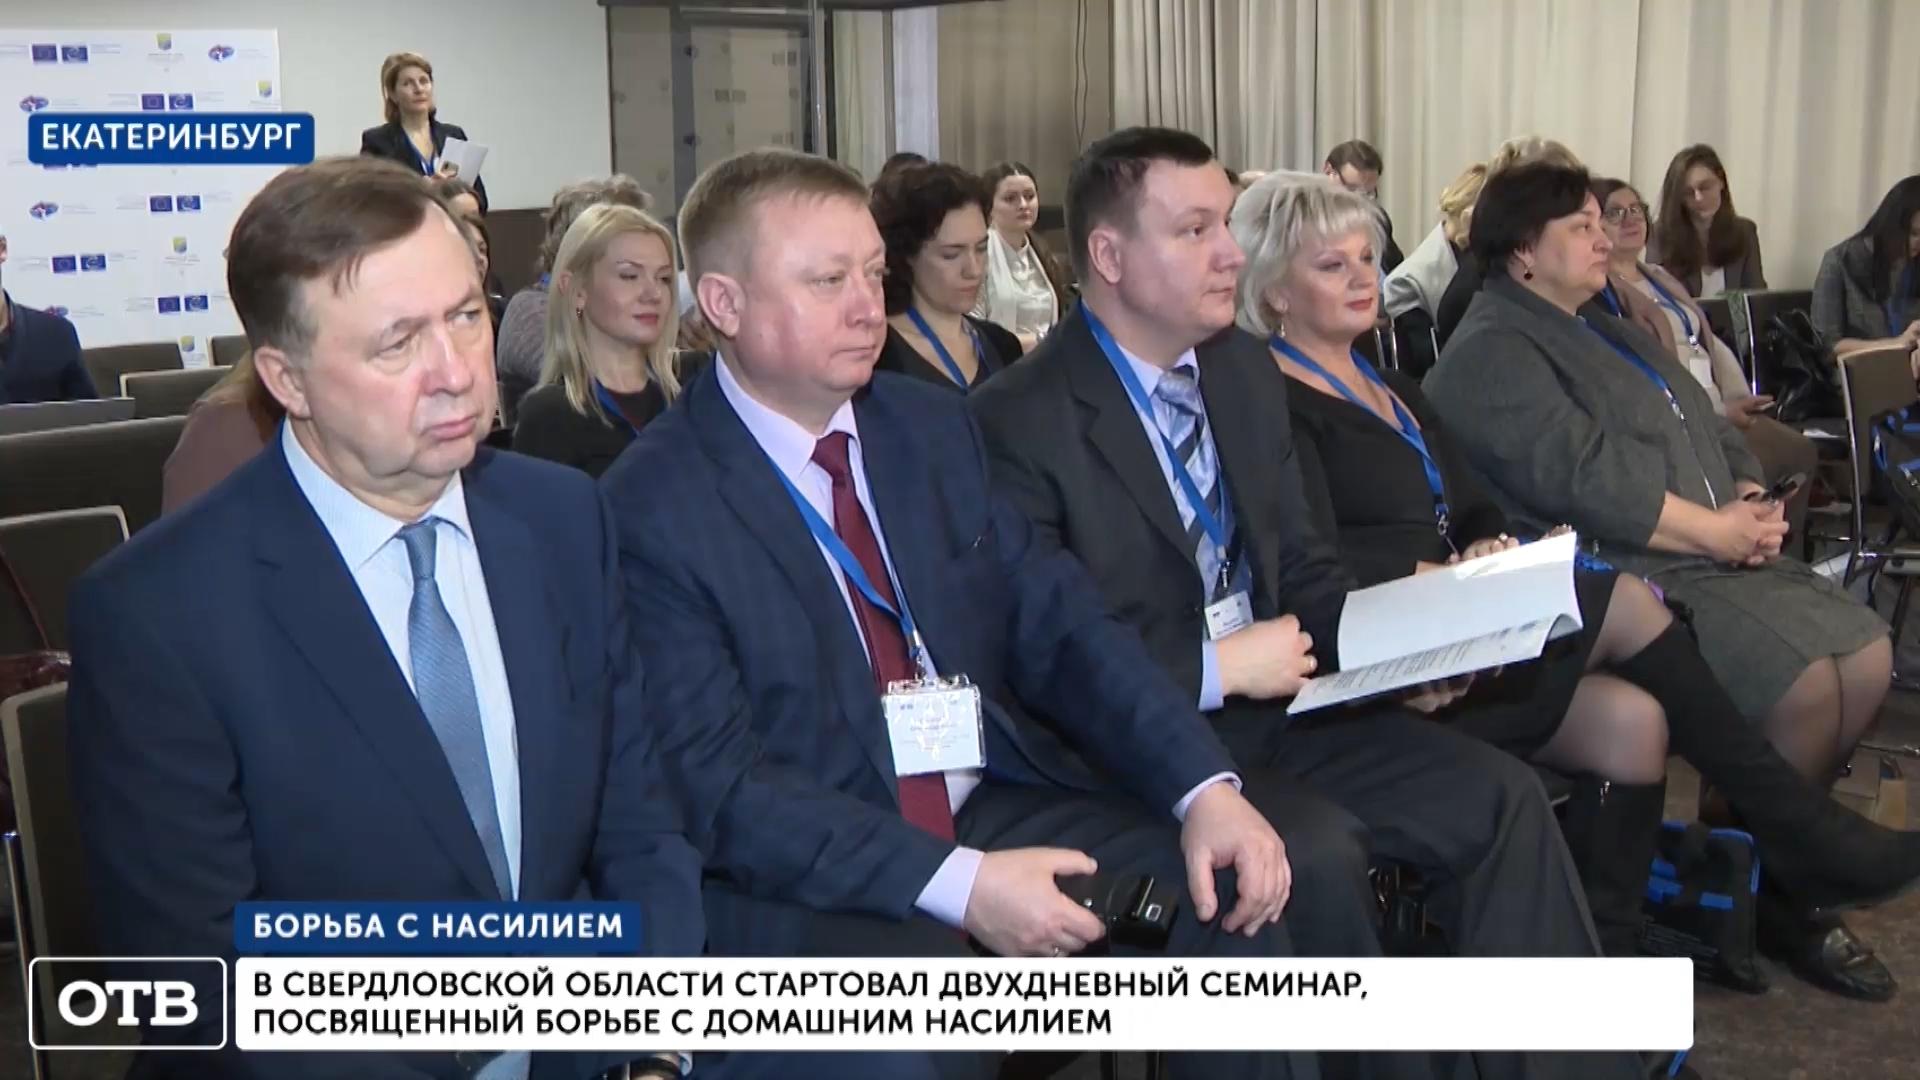 20200218_20-02-В Екатеринбурге стартовал двухдневный семинар по борьбе с домашним насилием-pic13